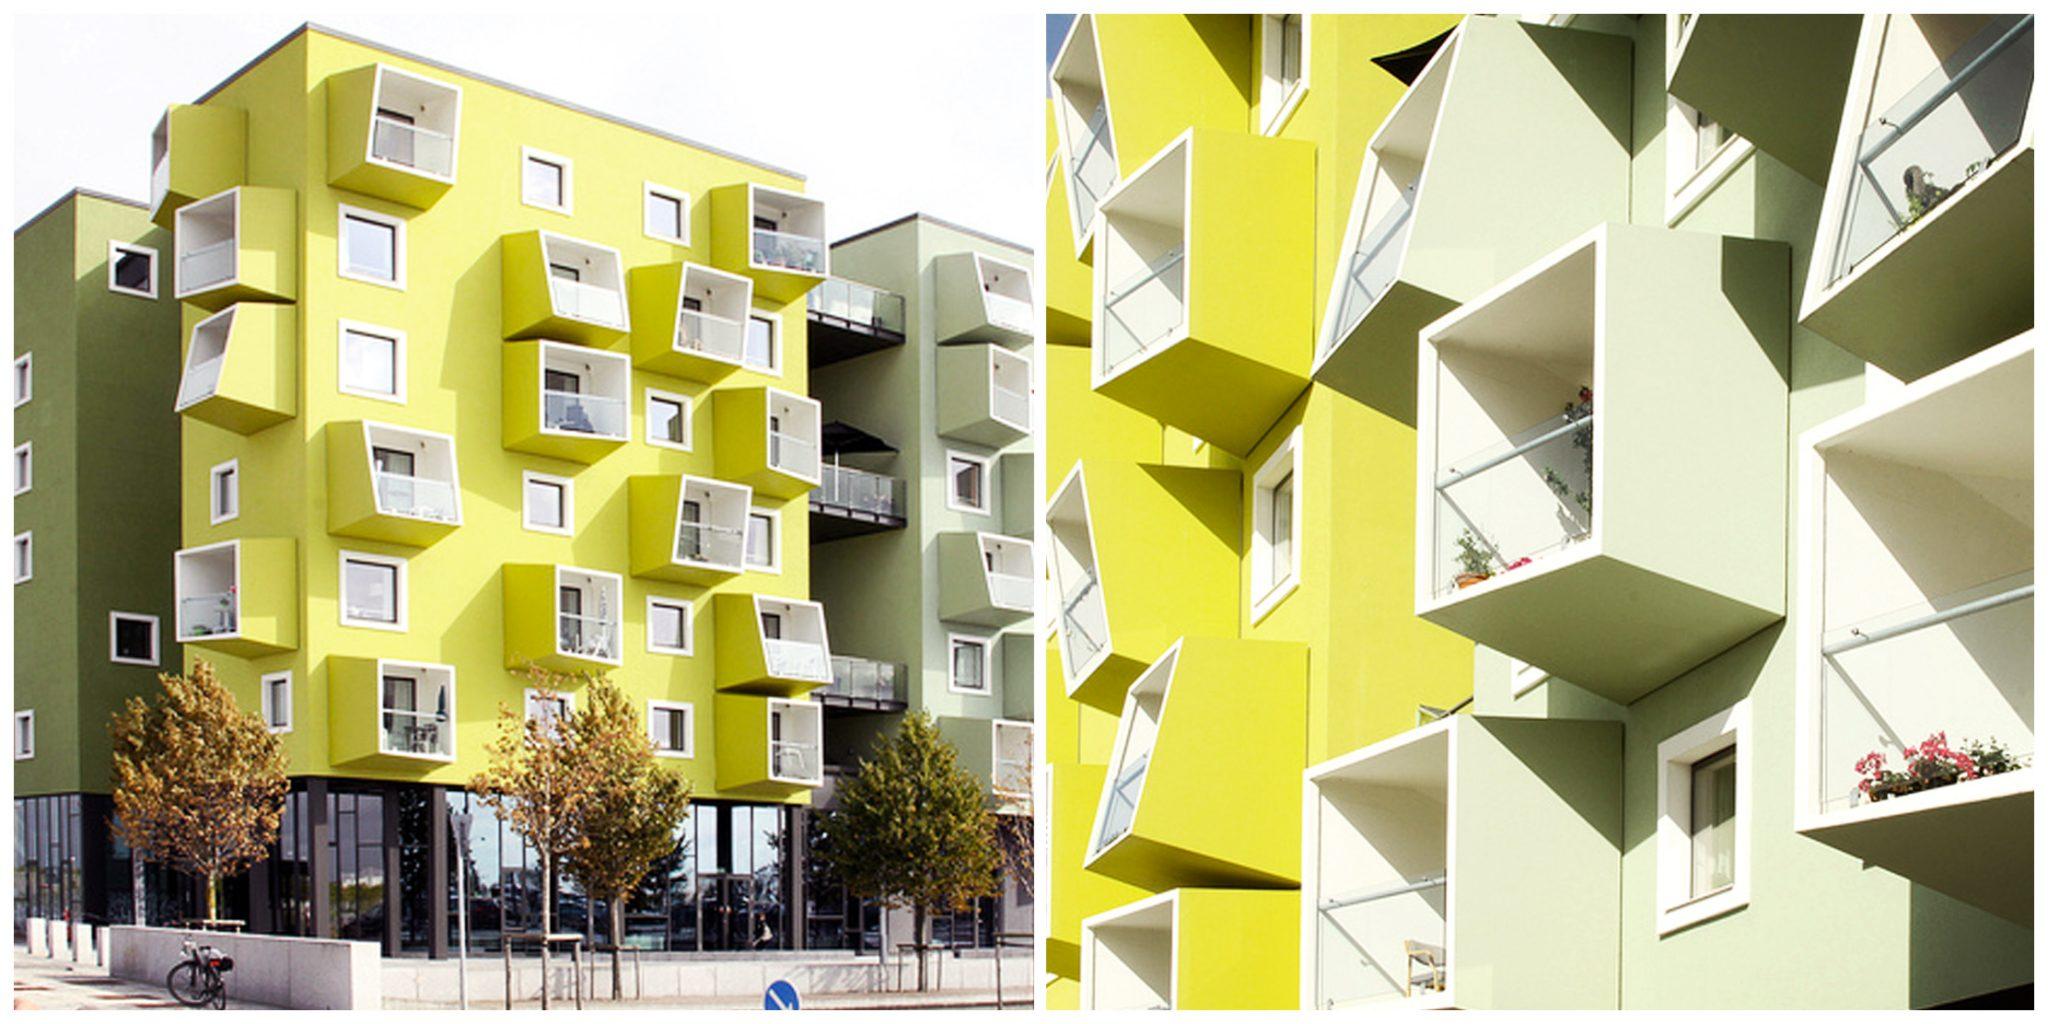 silos 2hplus x2 1 - Kopenhaga - Architour